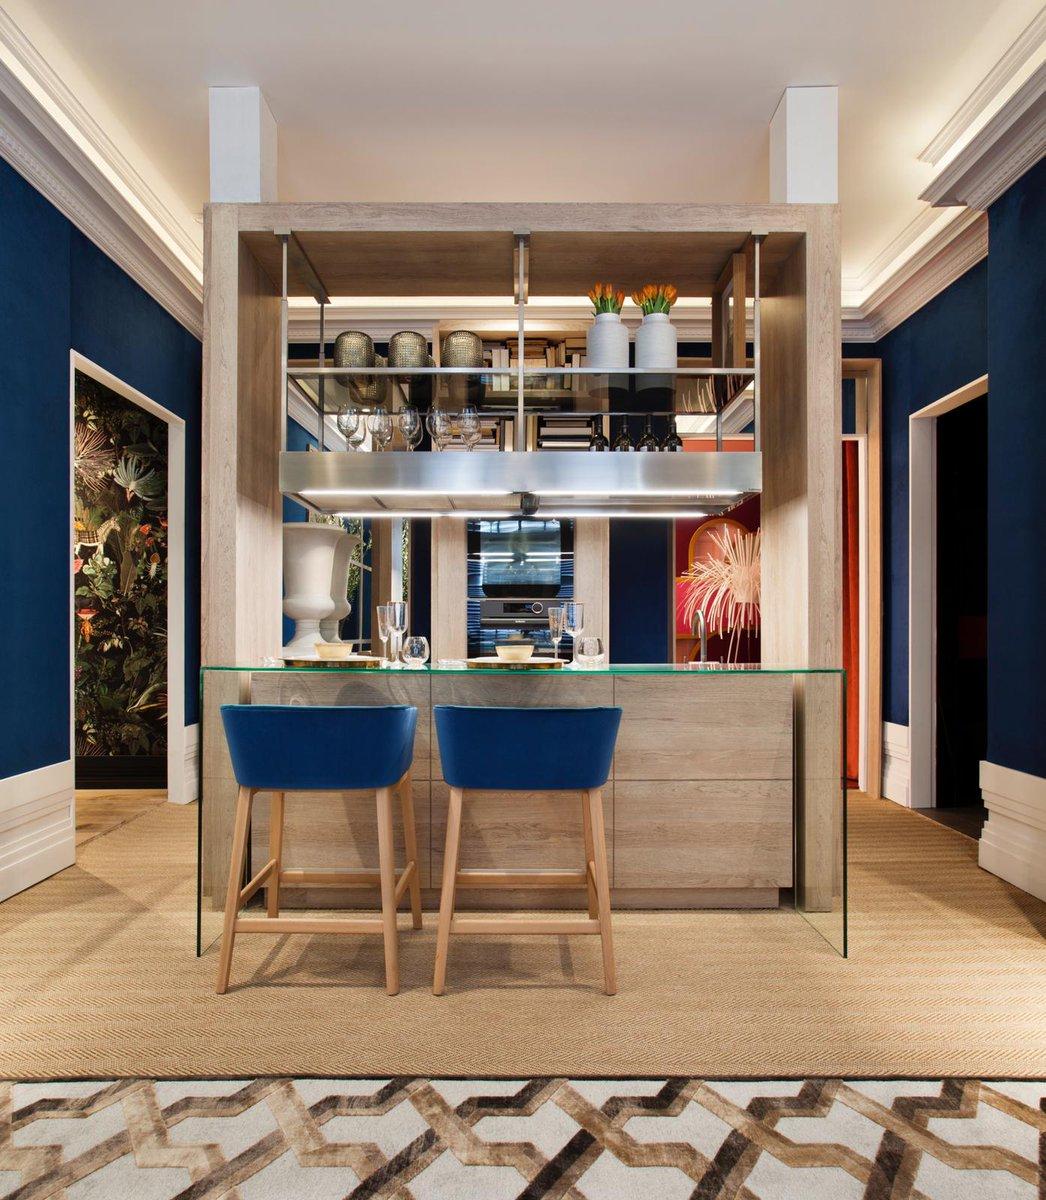 @CasaDecor ; Espacio FRIGICOLL diseñado por @manuelespejome. Material de  Grupo ALVIC. Maravilloso salón - cocina, con el sello indiscutible y elegante de Manuel Espejo. Gracias por confiar en @ALVIC_ESP para la fabricación de los muebles.  #KWCmarketingexperience